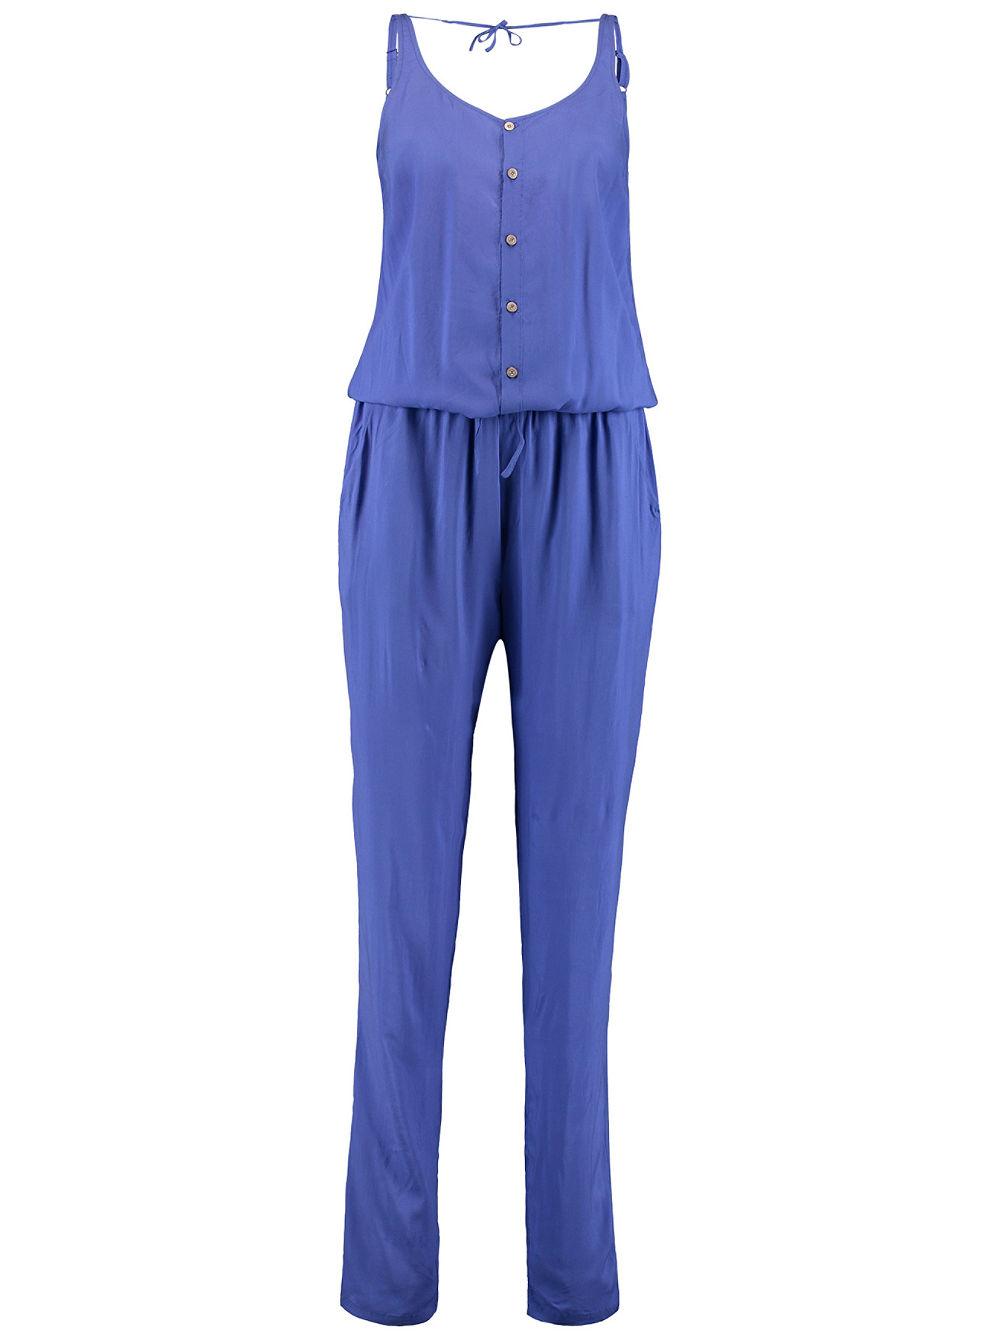 O'Neill Jumpsuit - o'neill - blue-tomato.com